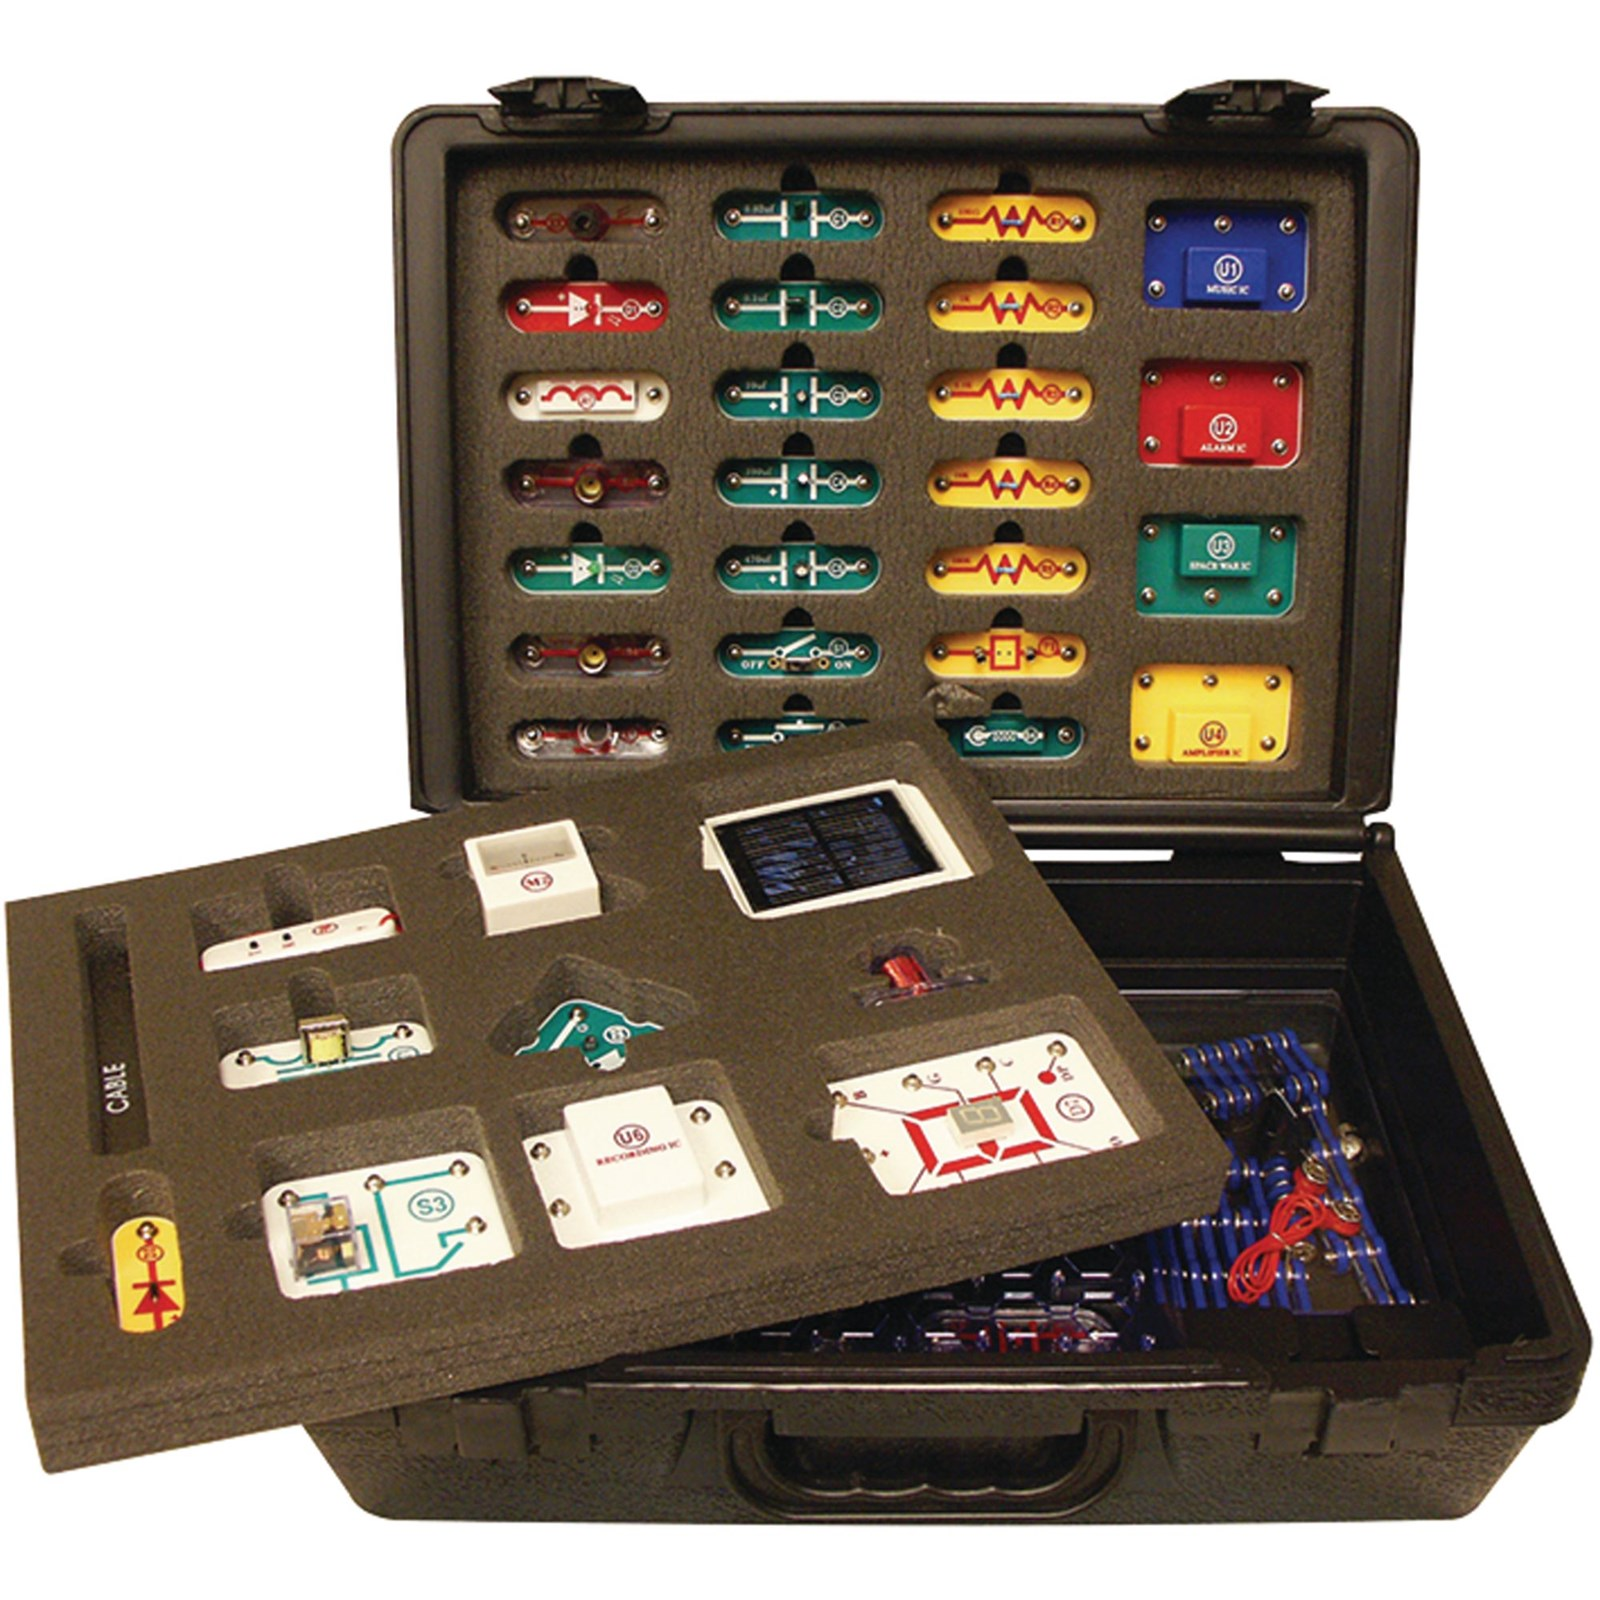 Snap Circuits Class Kit